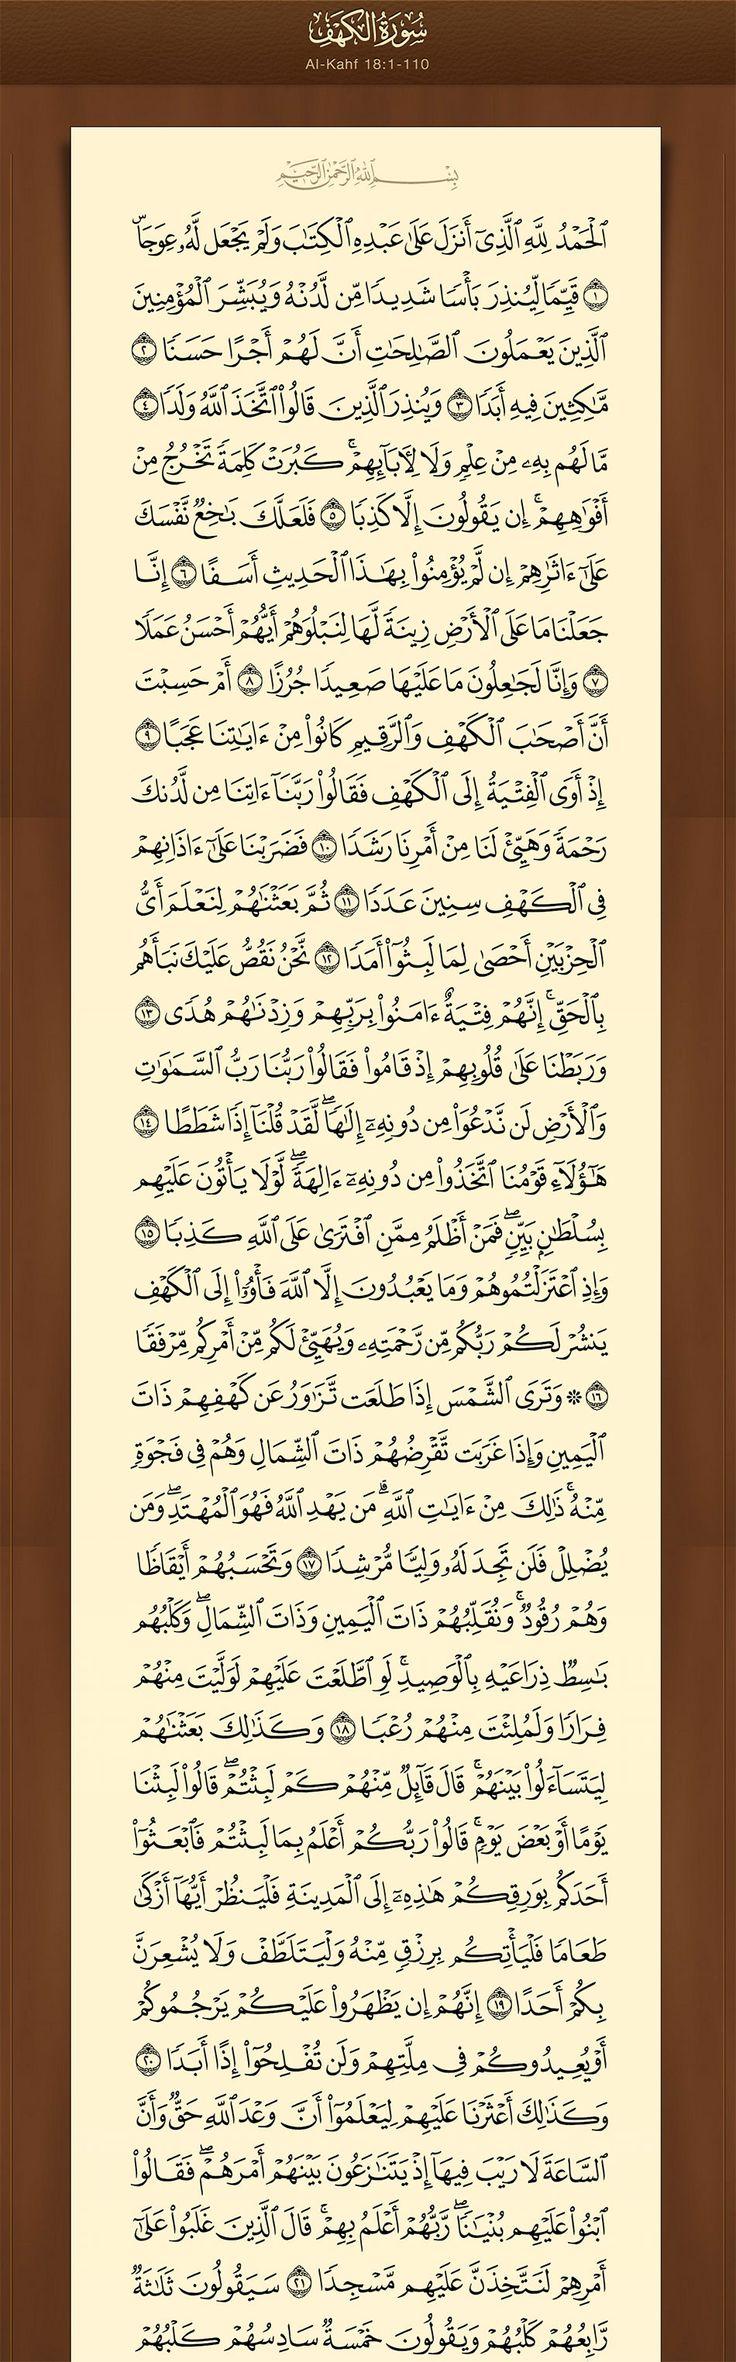 سورة الكهف بصفحة واحدة